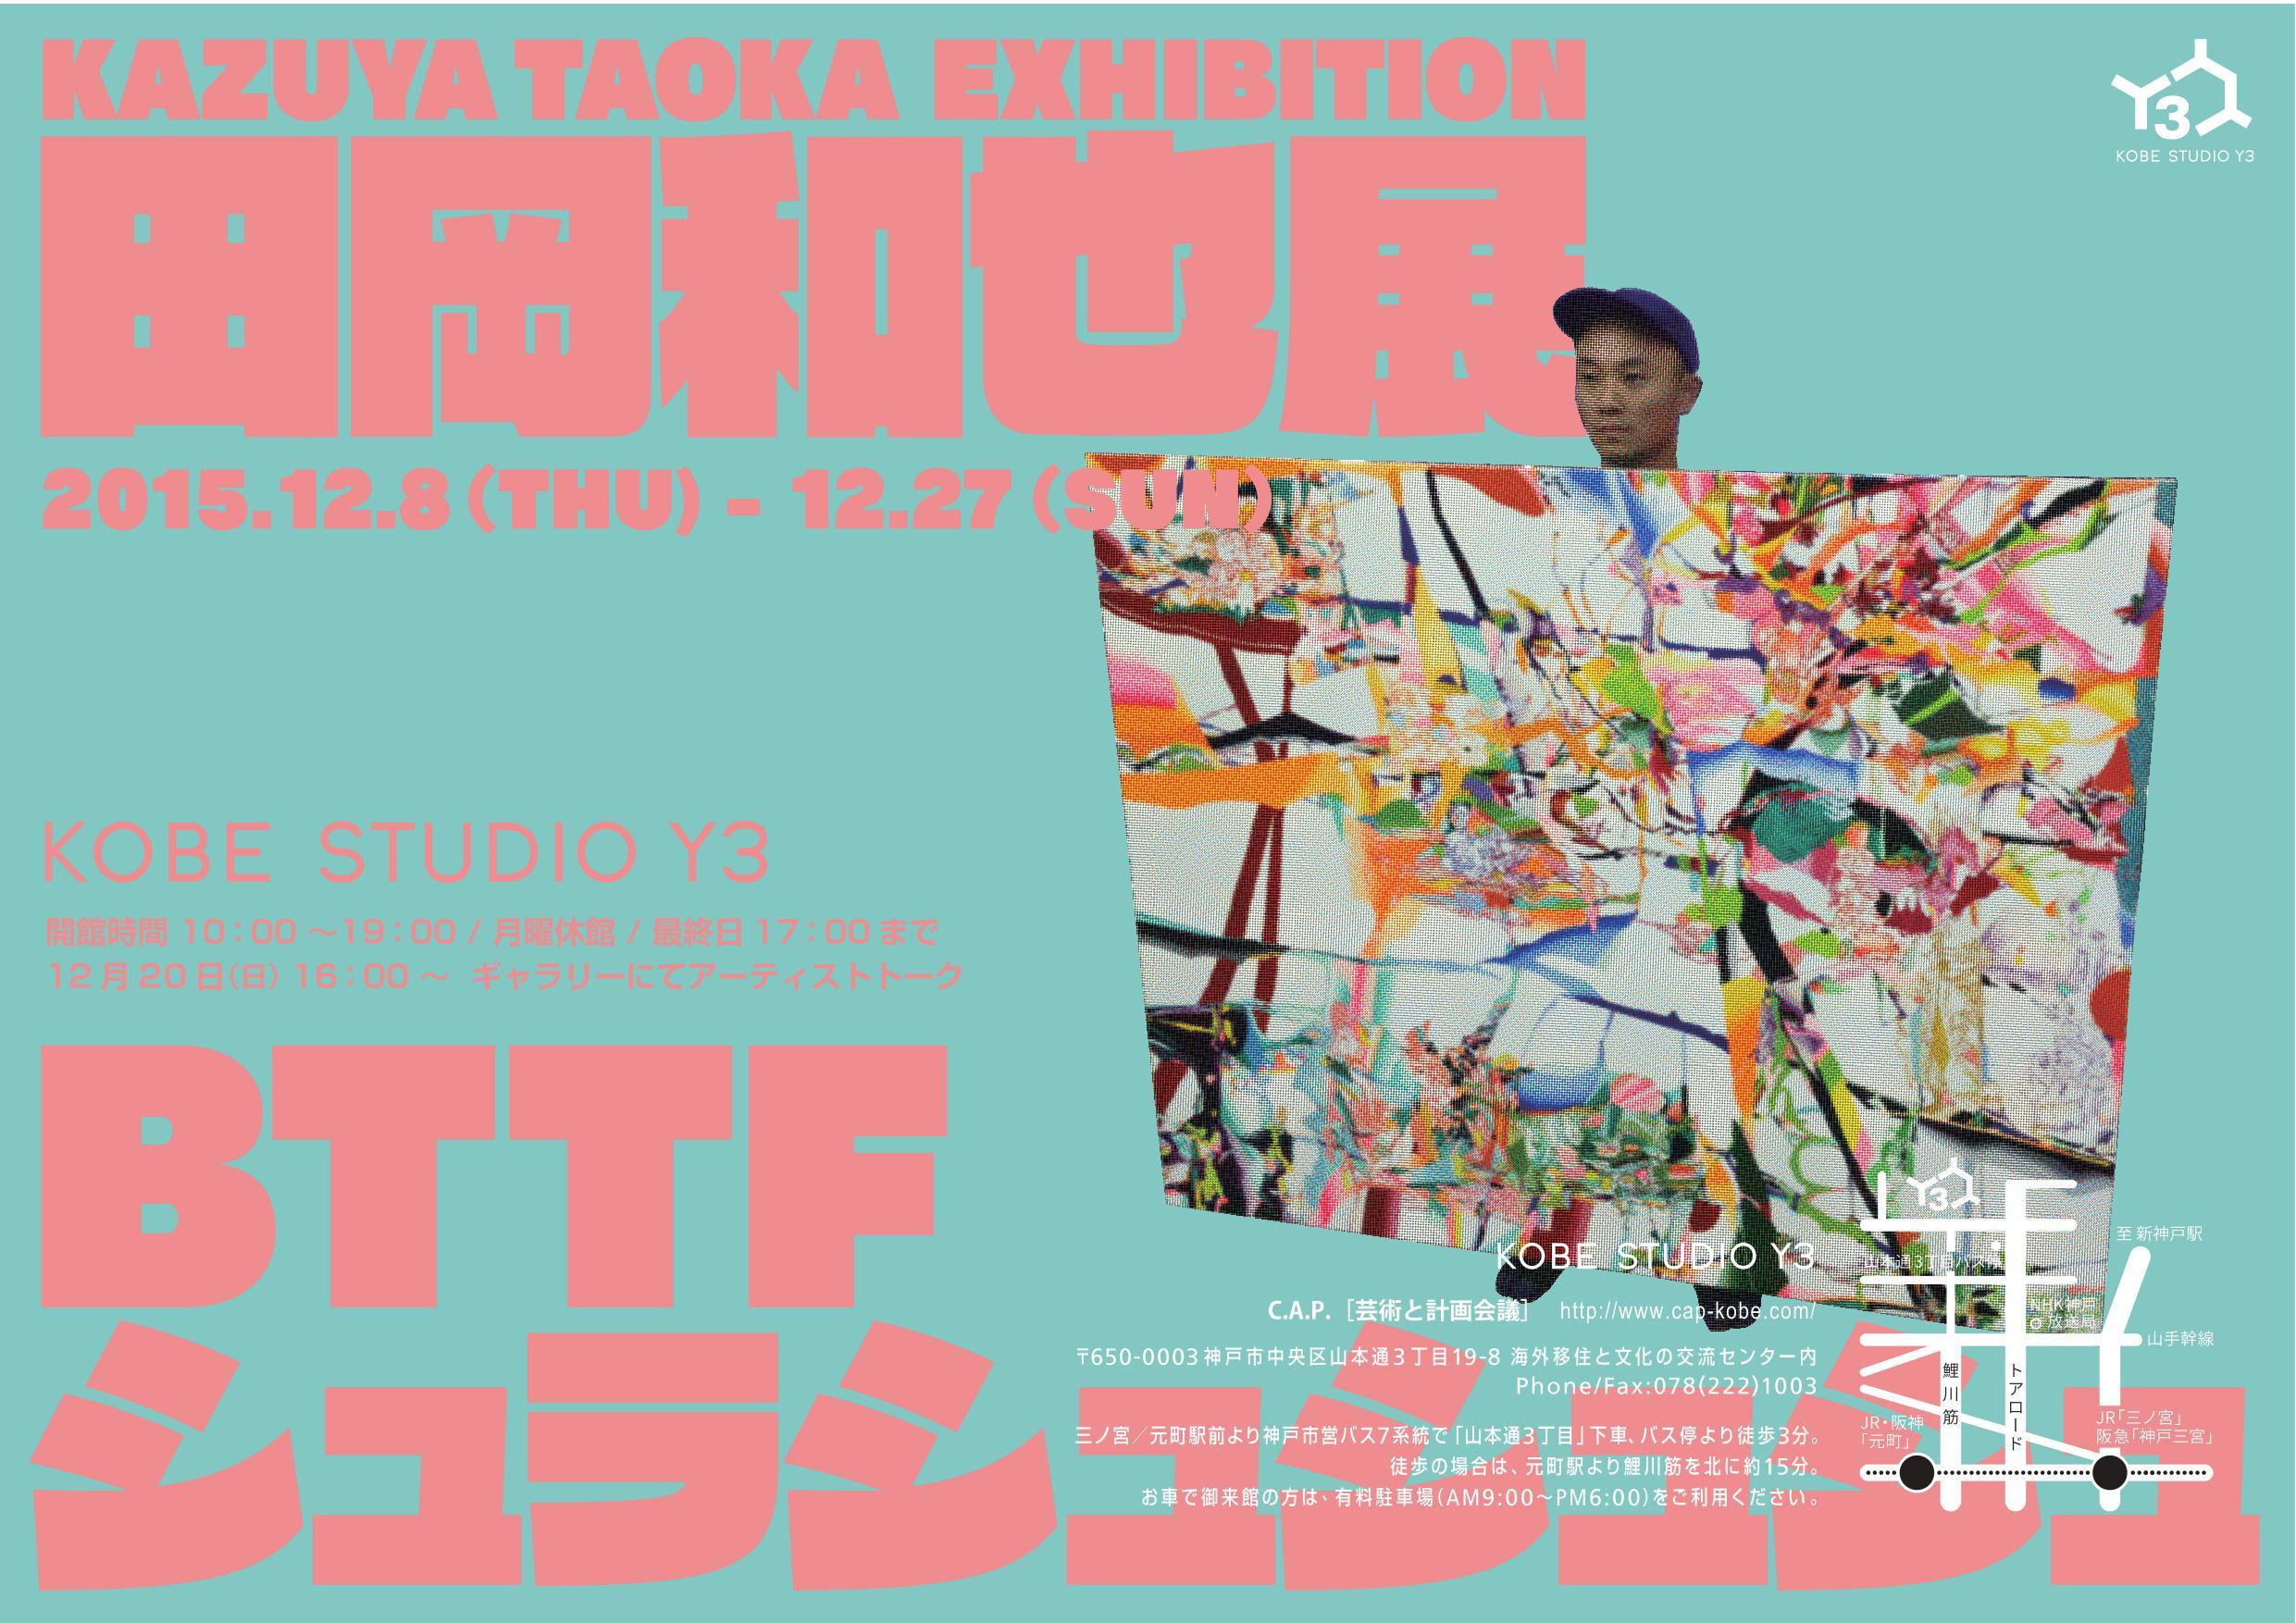 田岡和也個展「BTTFシュラシュシュシュ」